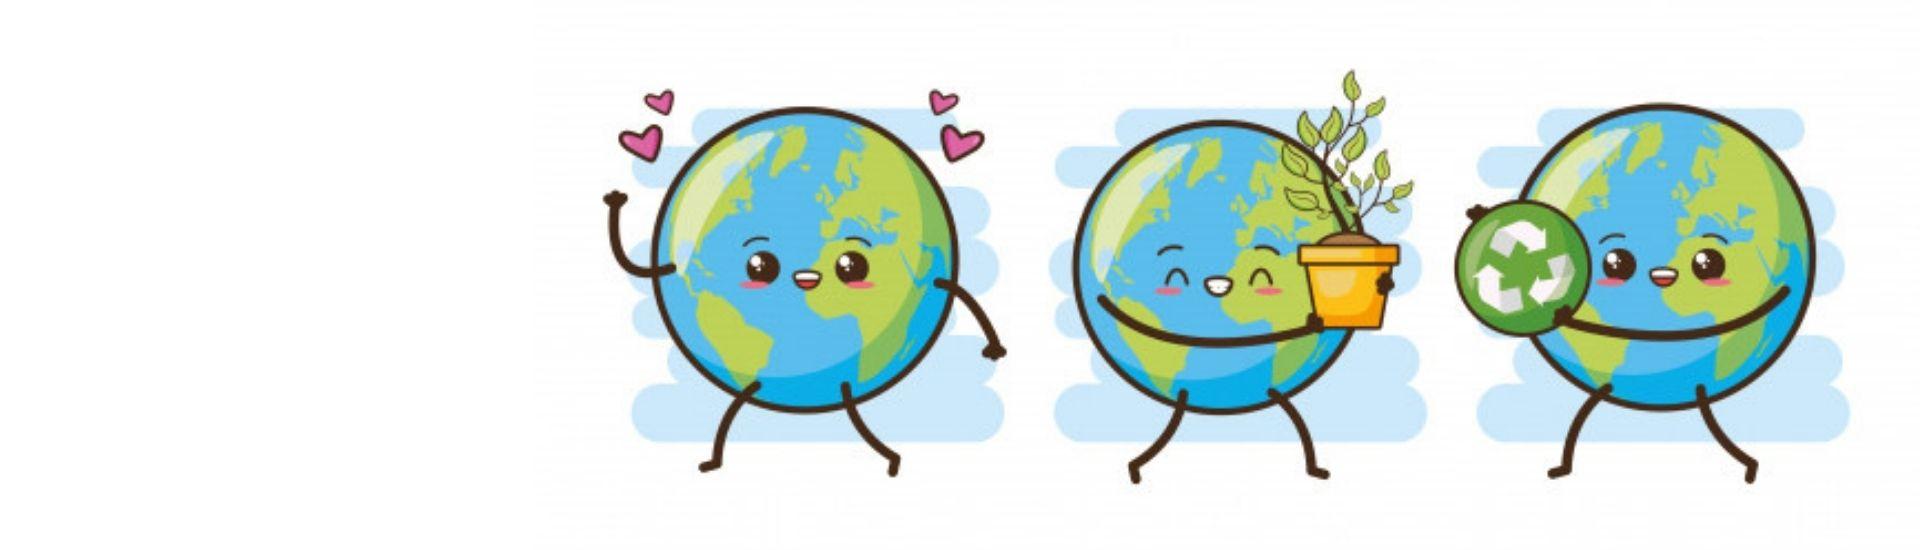 Planetas felices por medidas con enfoques medioambientales